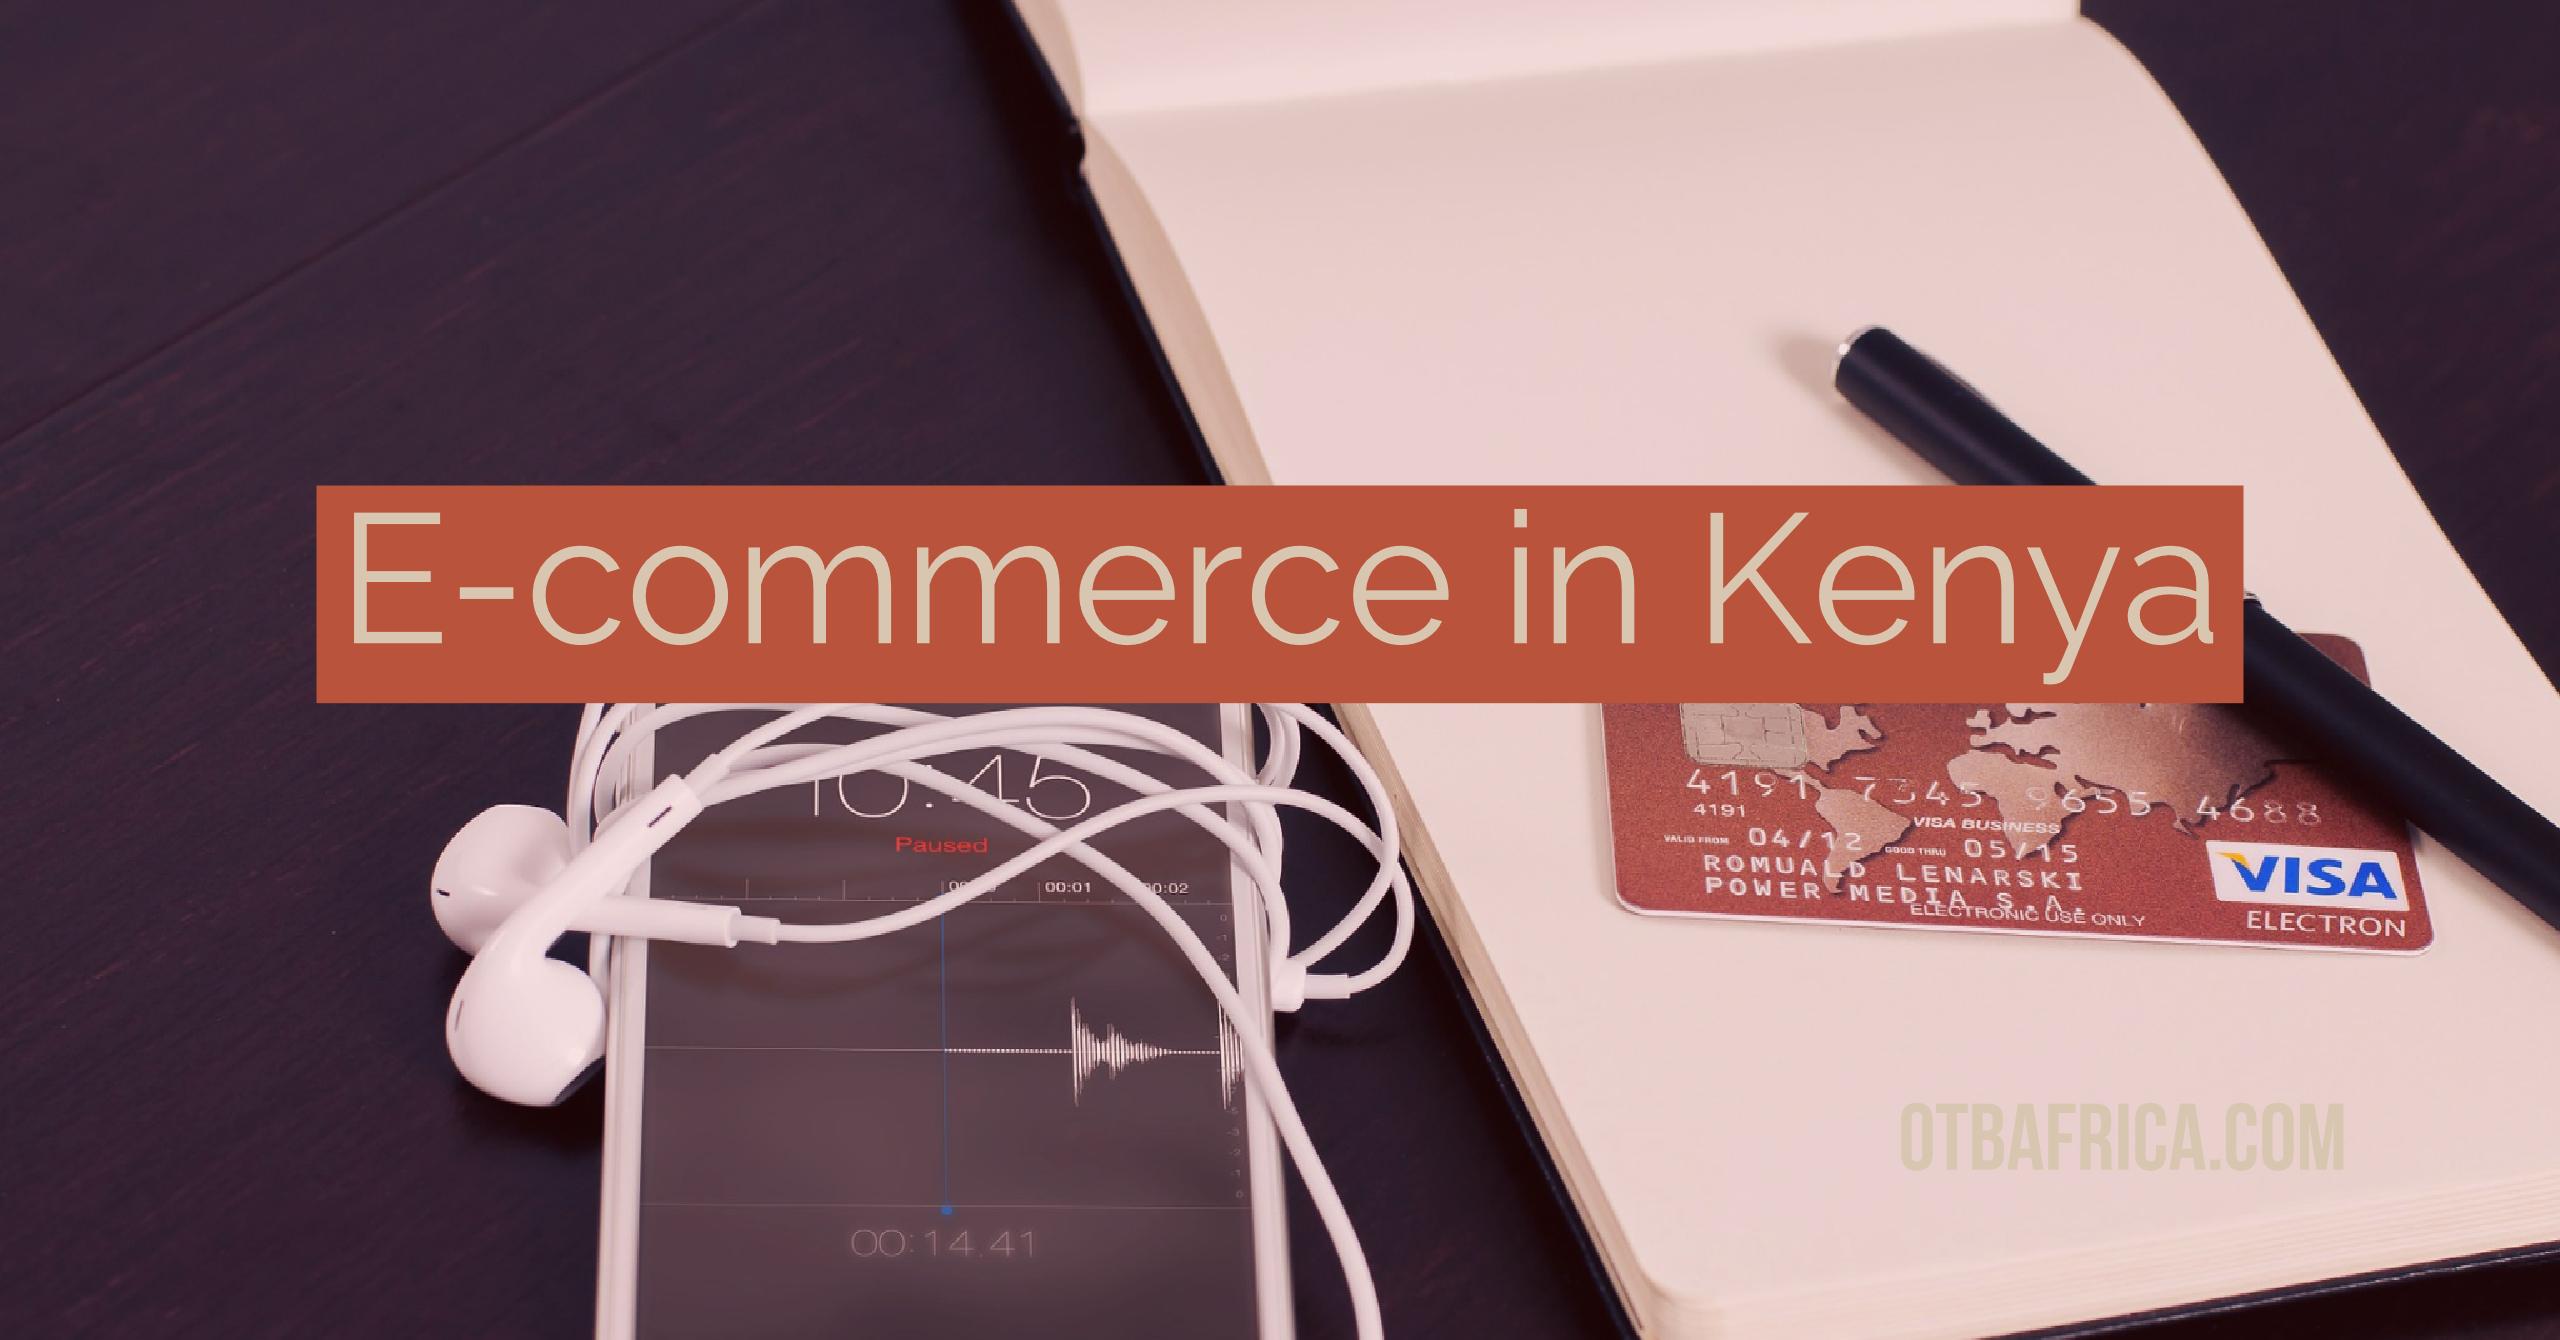 e-commerce in kenya